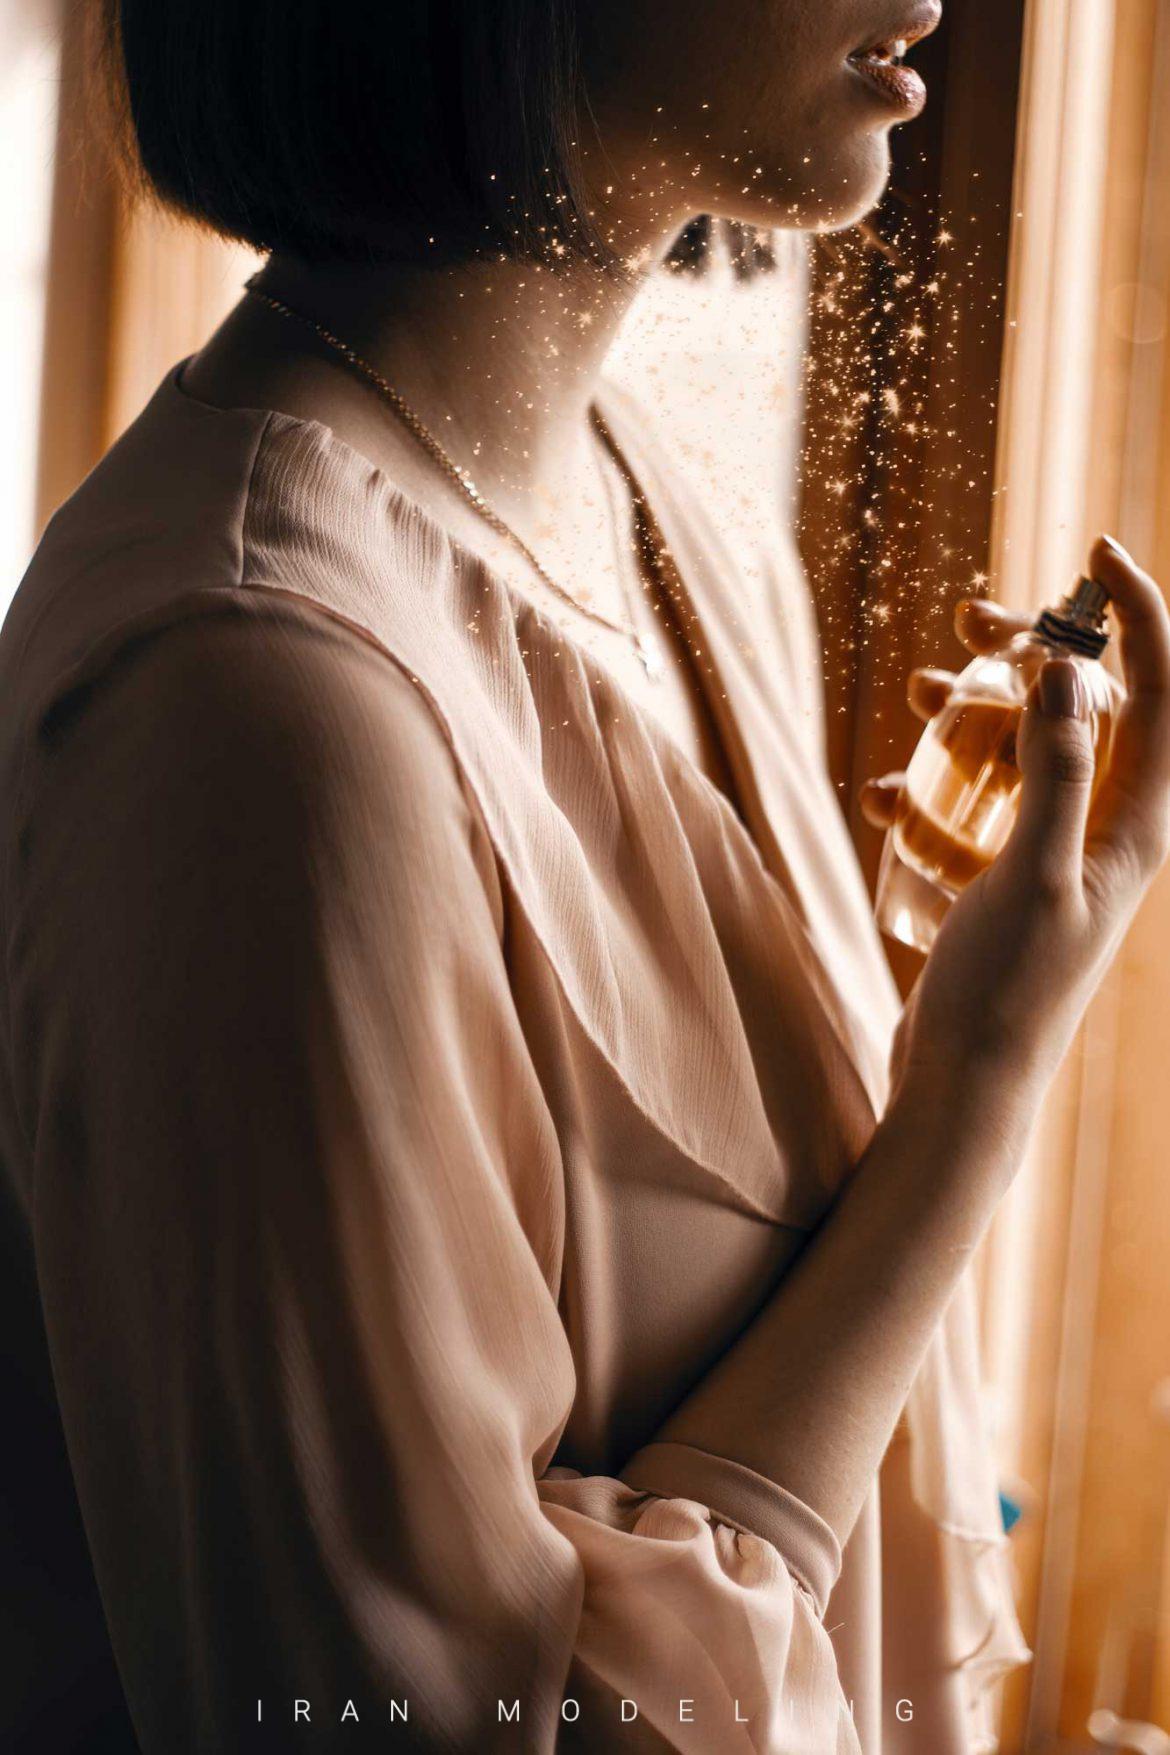 6 عطر برتر زنانه امسال را بشناسید و از آنها برای خاص بودن استفاده کنید